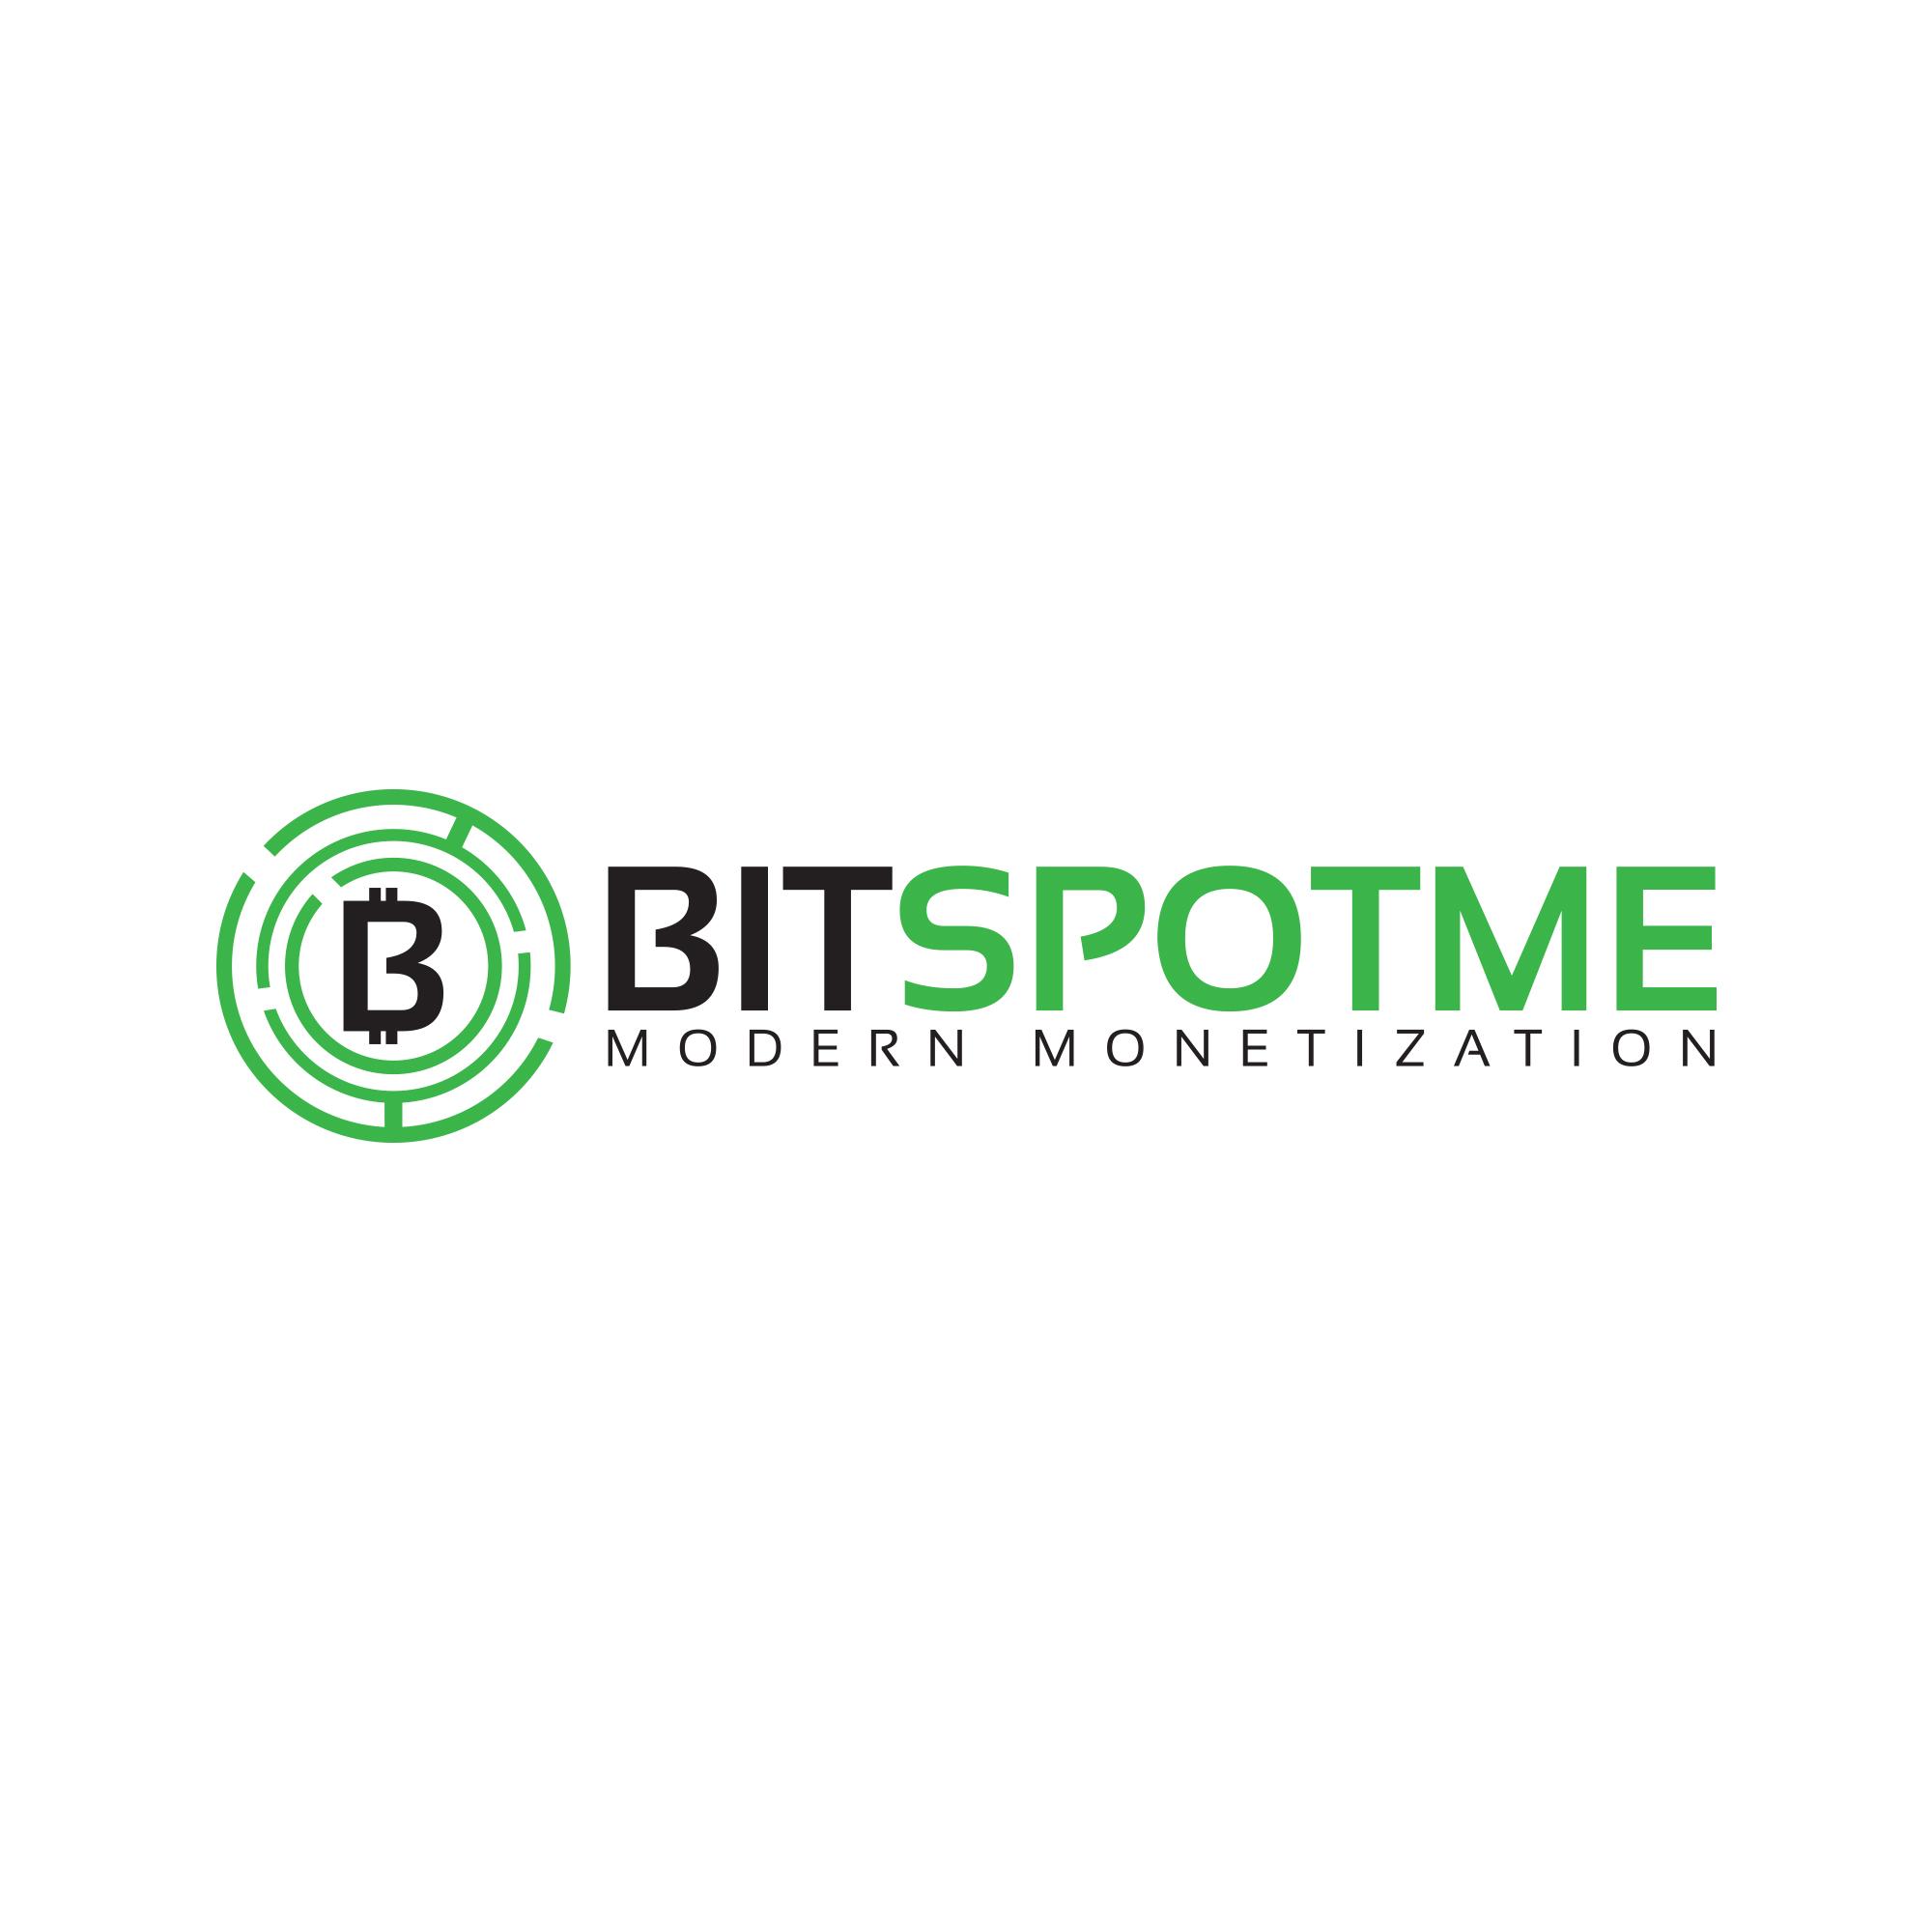 BitSpotMelogo